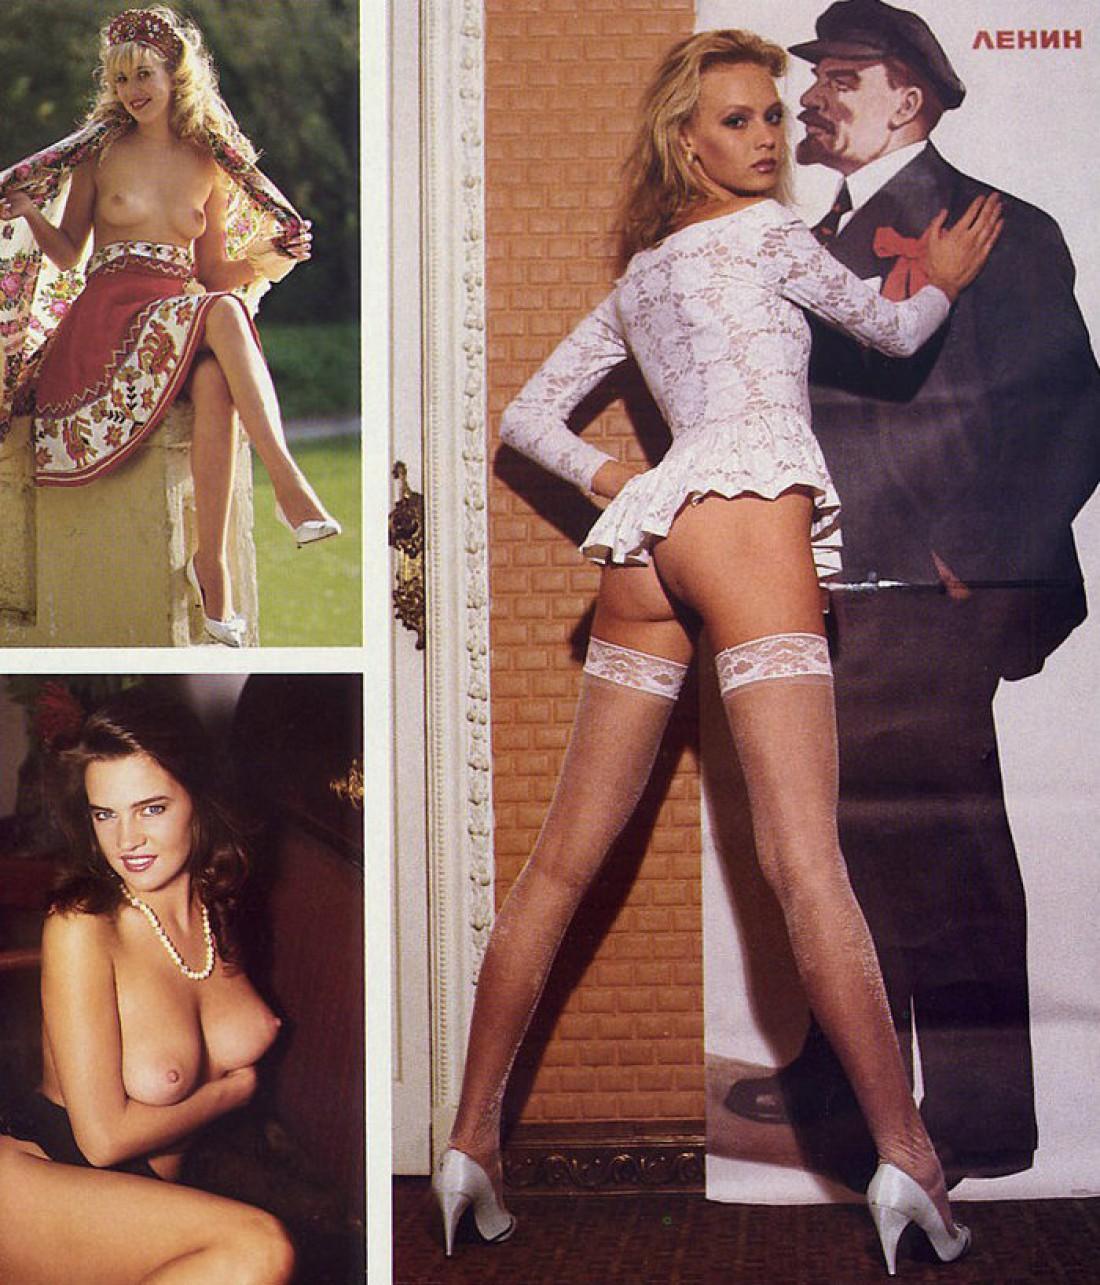 foto-iz-eroticheskih-zhurnalov